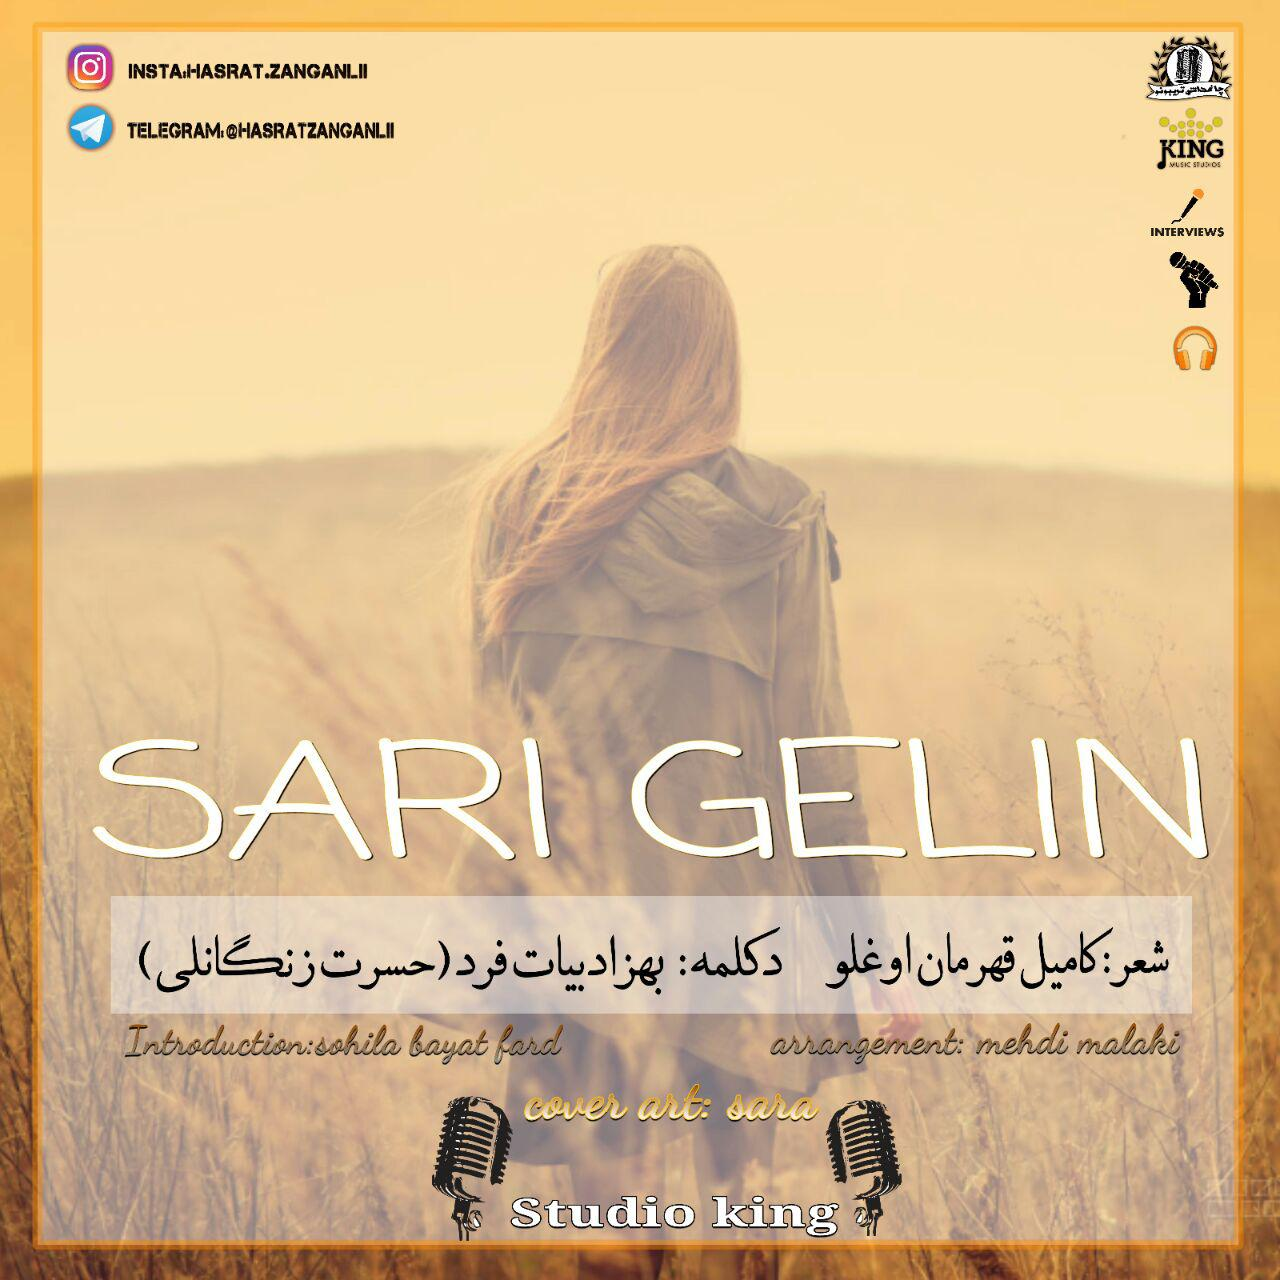 http://s9.picofile.com/file/8336024342/19Hasrat_Zanganli_Sari_Gelin.jpg